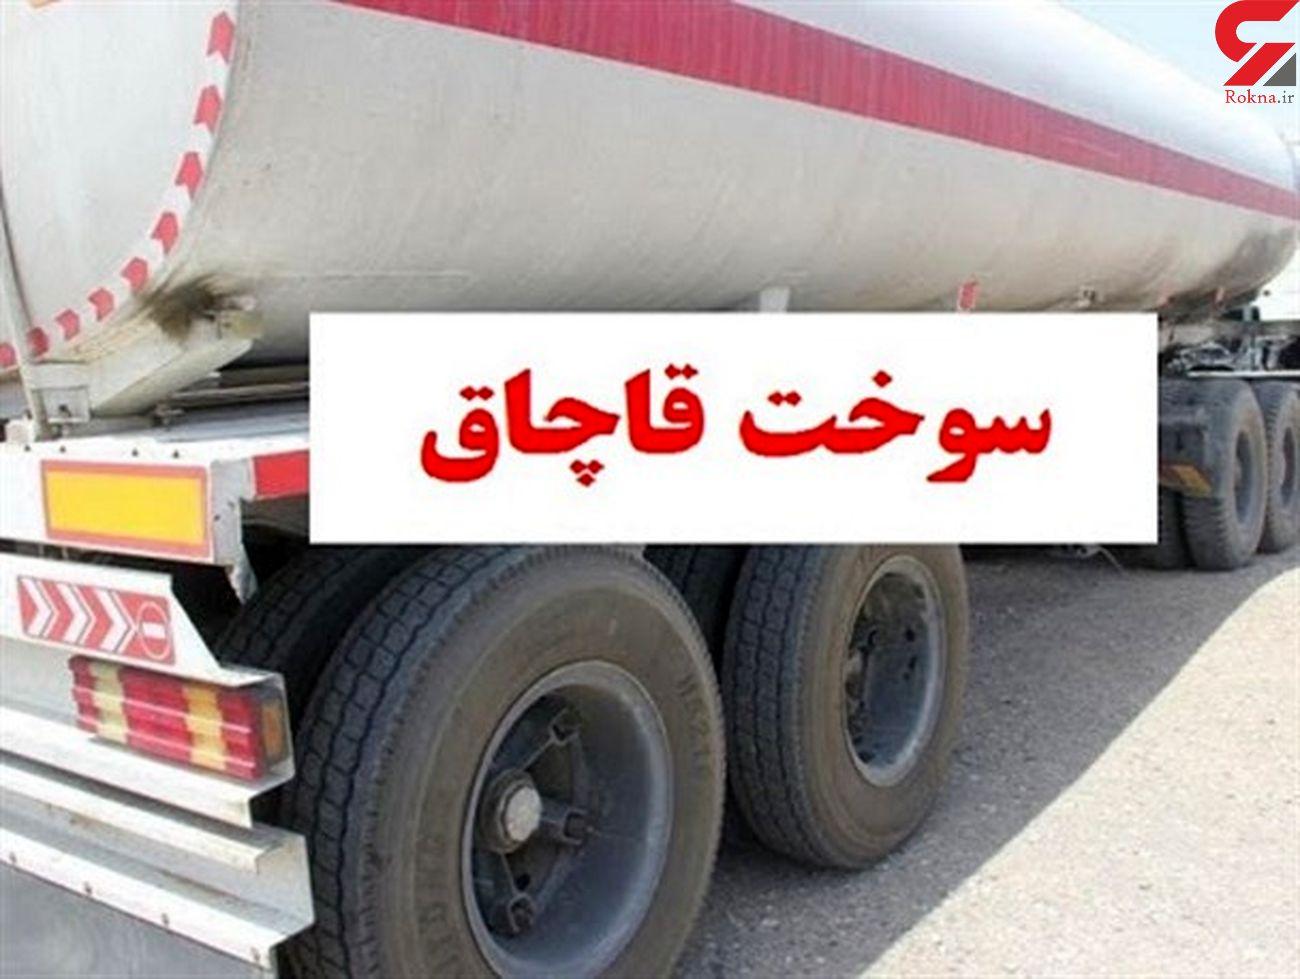 قاچاق24 هزارلیترسوخت دربندر عباس